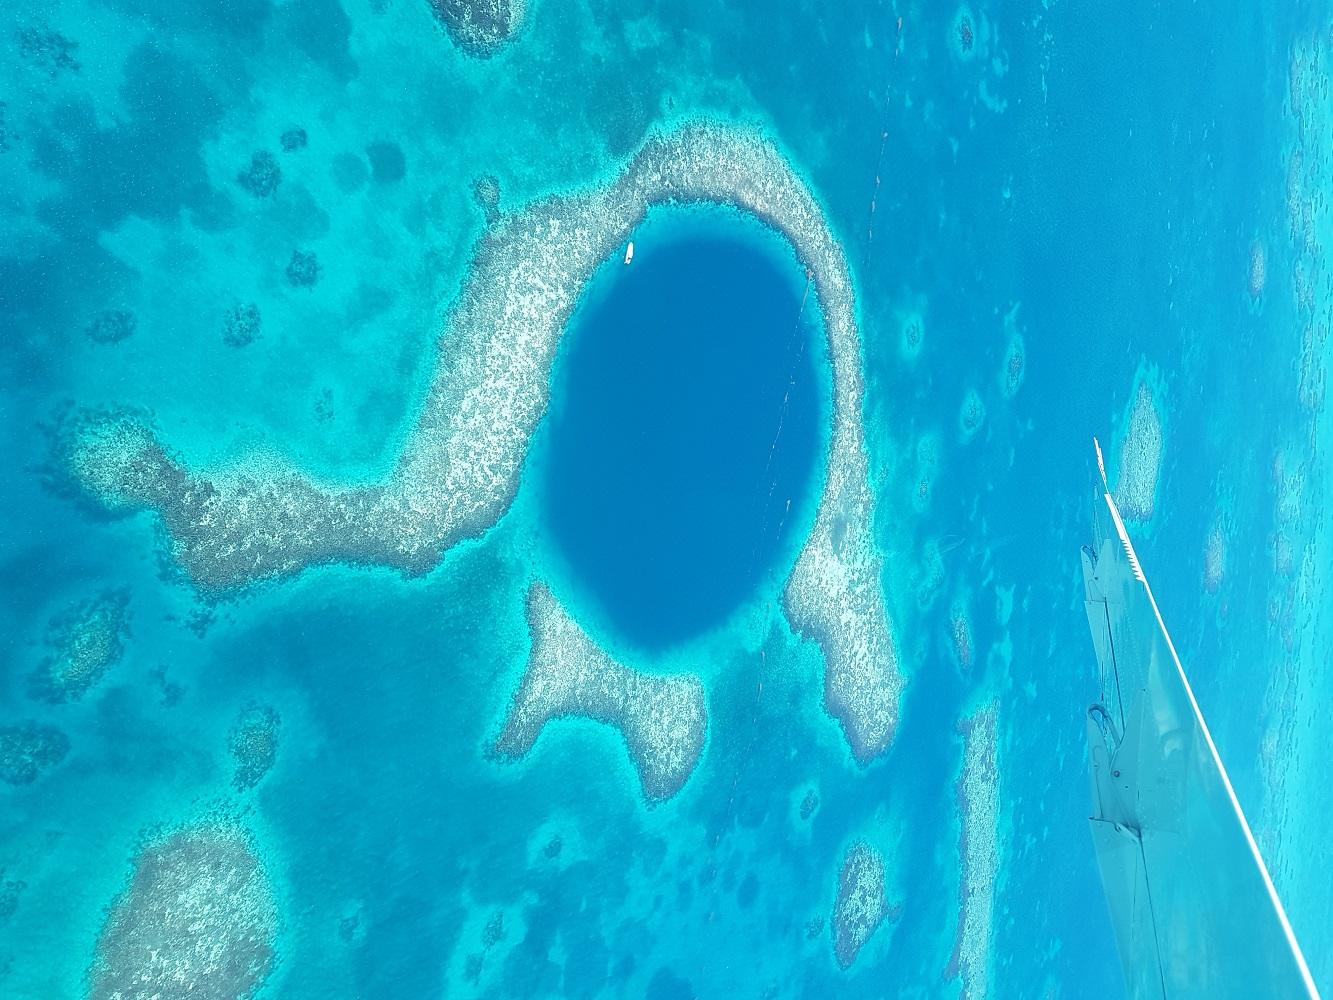 Mein Schiff Landausflug: Das Blue Hole in Belize